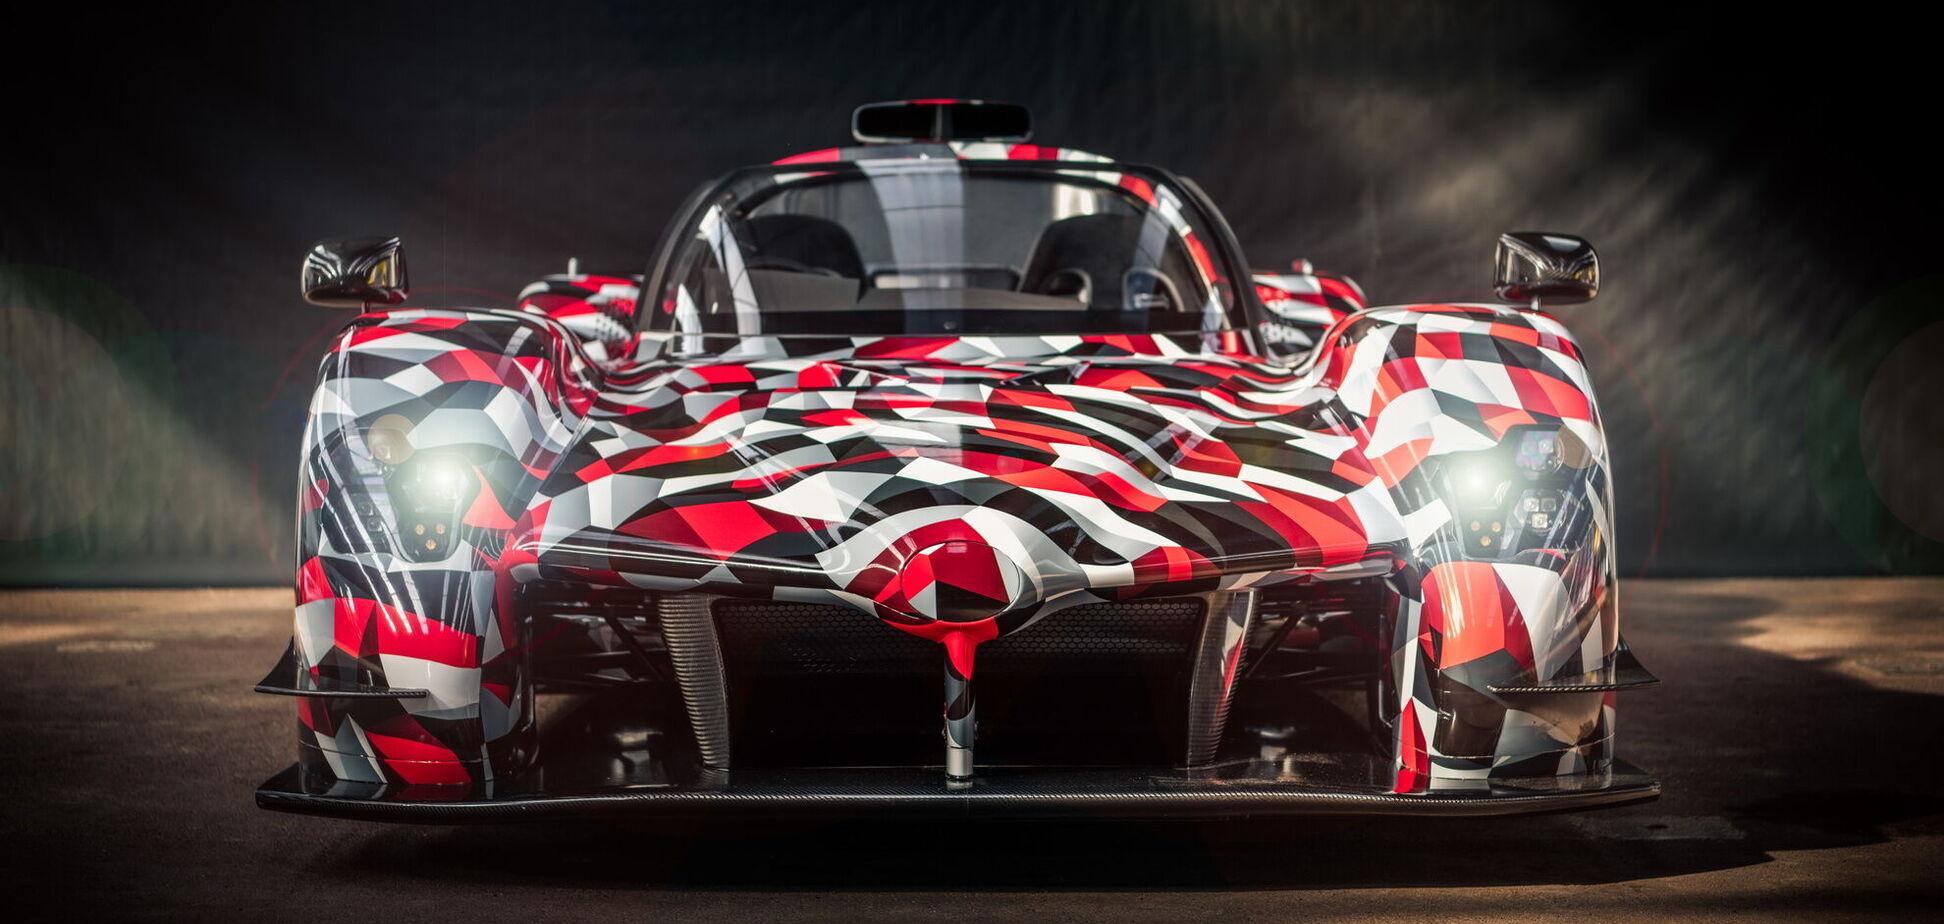 Гиперкар Toyota GR Super Sport дебютировал в Ле-Мане